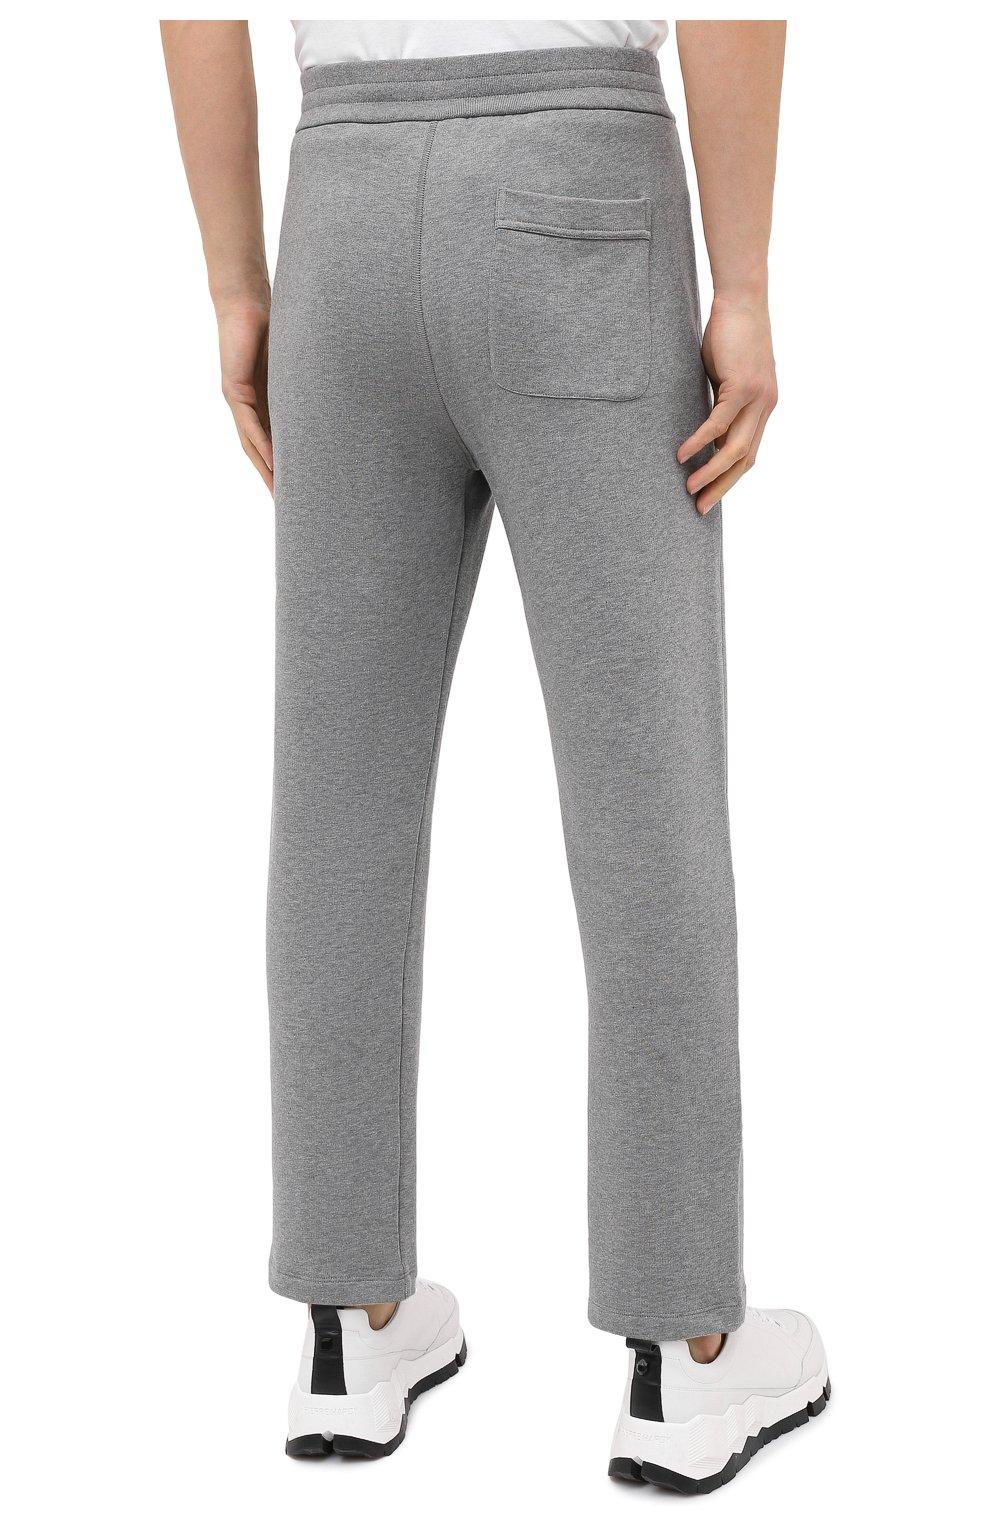 Мужские хлопковые брюки BRIONI серого цвета, арт. UJDJ0L/09630   Фото 4 (Мужское Кросс-КТ: Брюки-трикотаж; Длина (брюки, джинсы): Стандартные; Случай: Повседневный; Материал внешний: Хлопок; Стили: Спорт-шик)